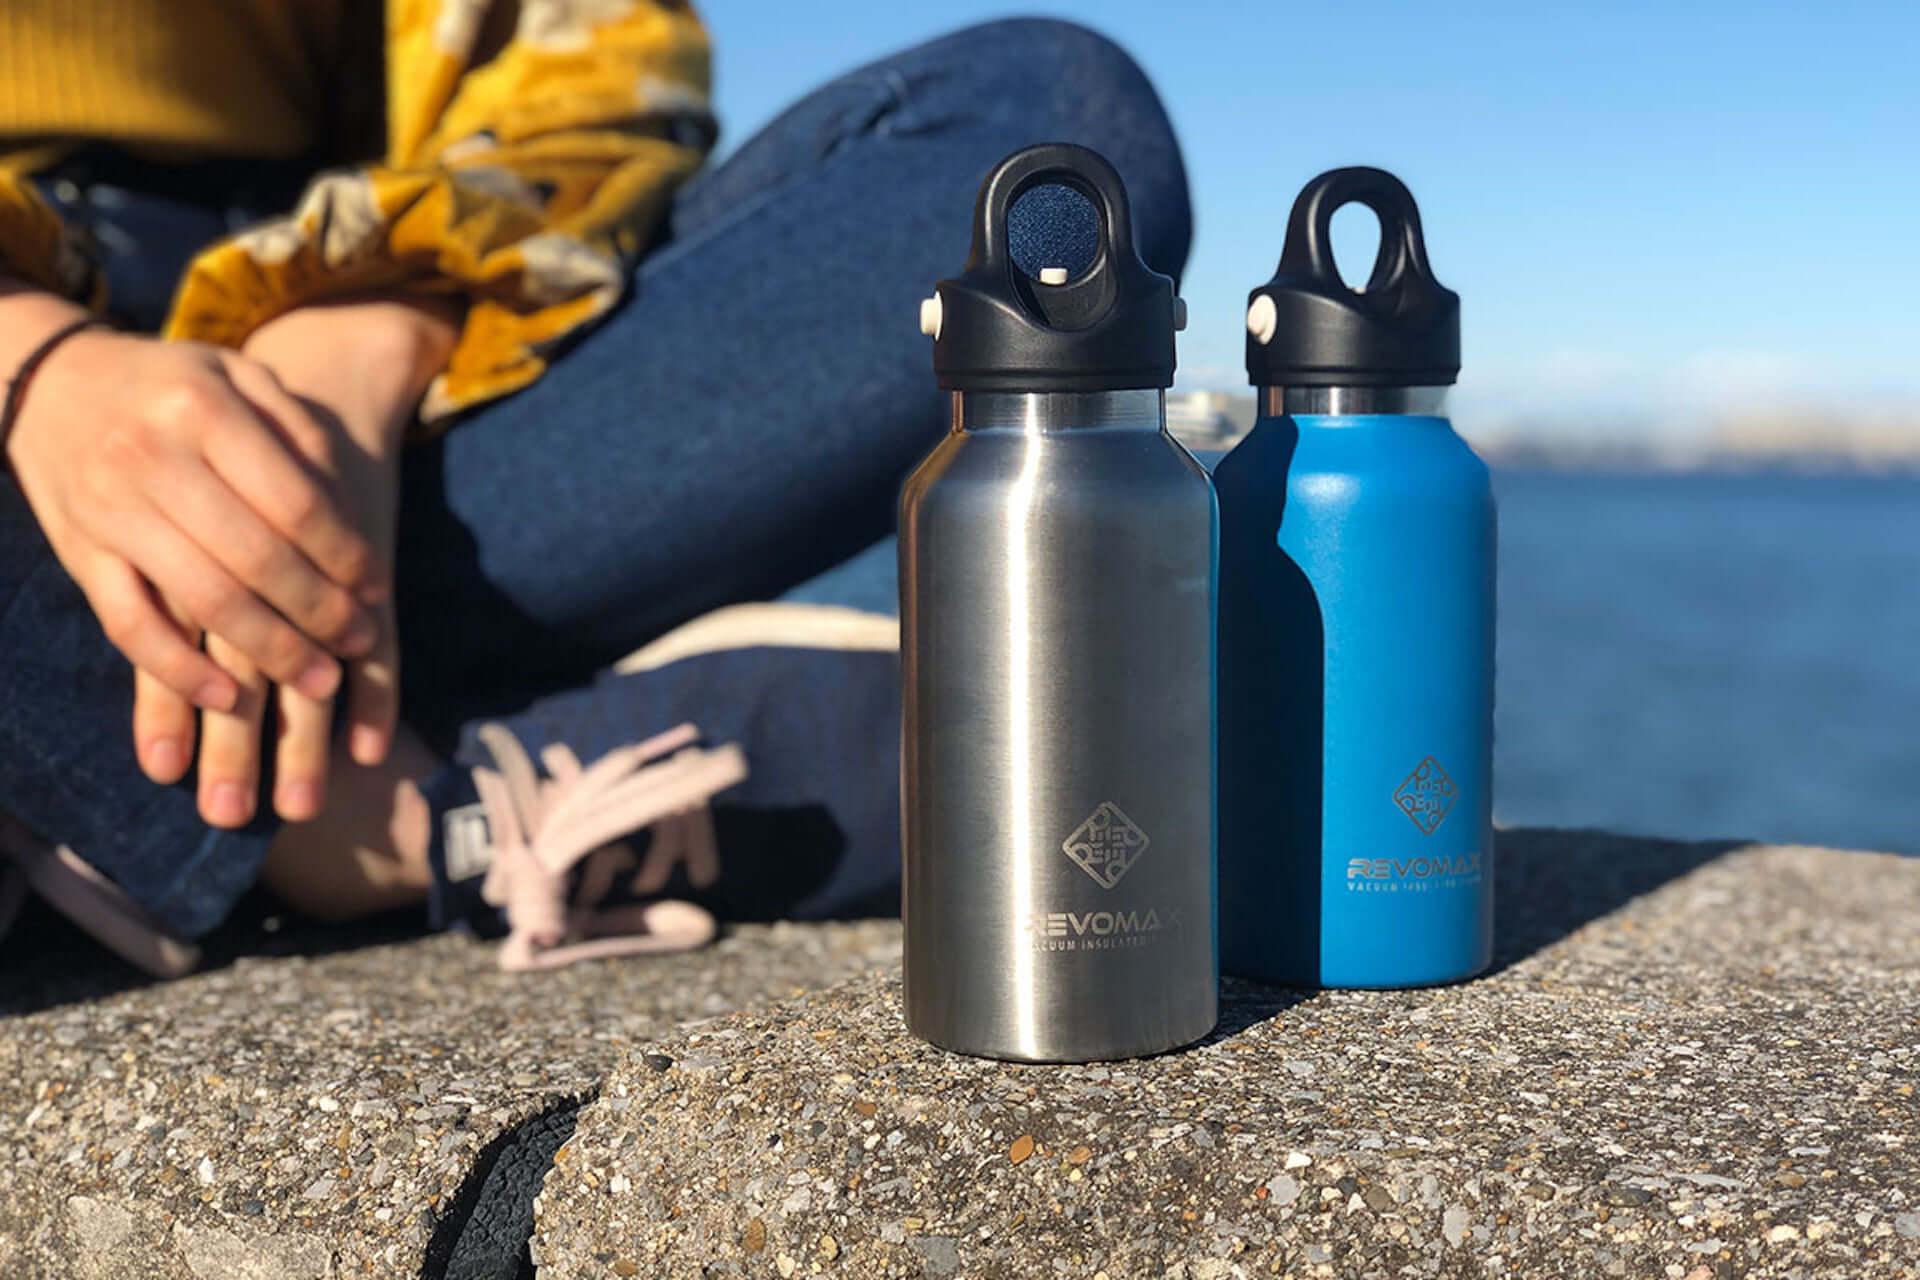 【2019年・最新おすすめ水筒15選】スリムから大容量まで、機能とデザインを兼ね備えたおしゃれボトルを厳選ピックアップ! 5-1-1920x1280